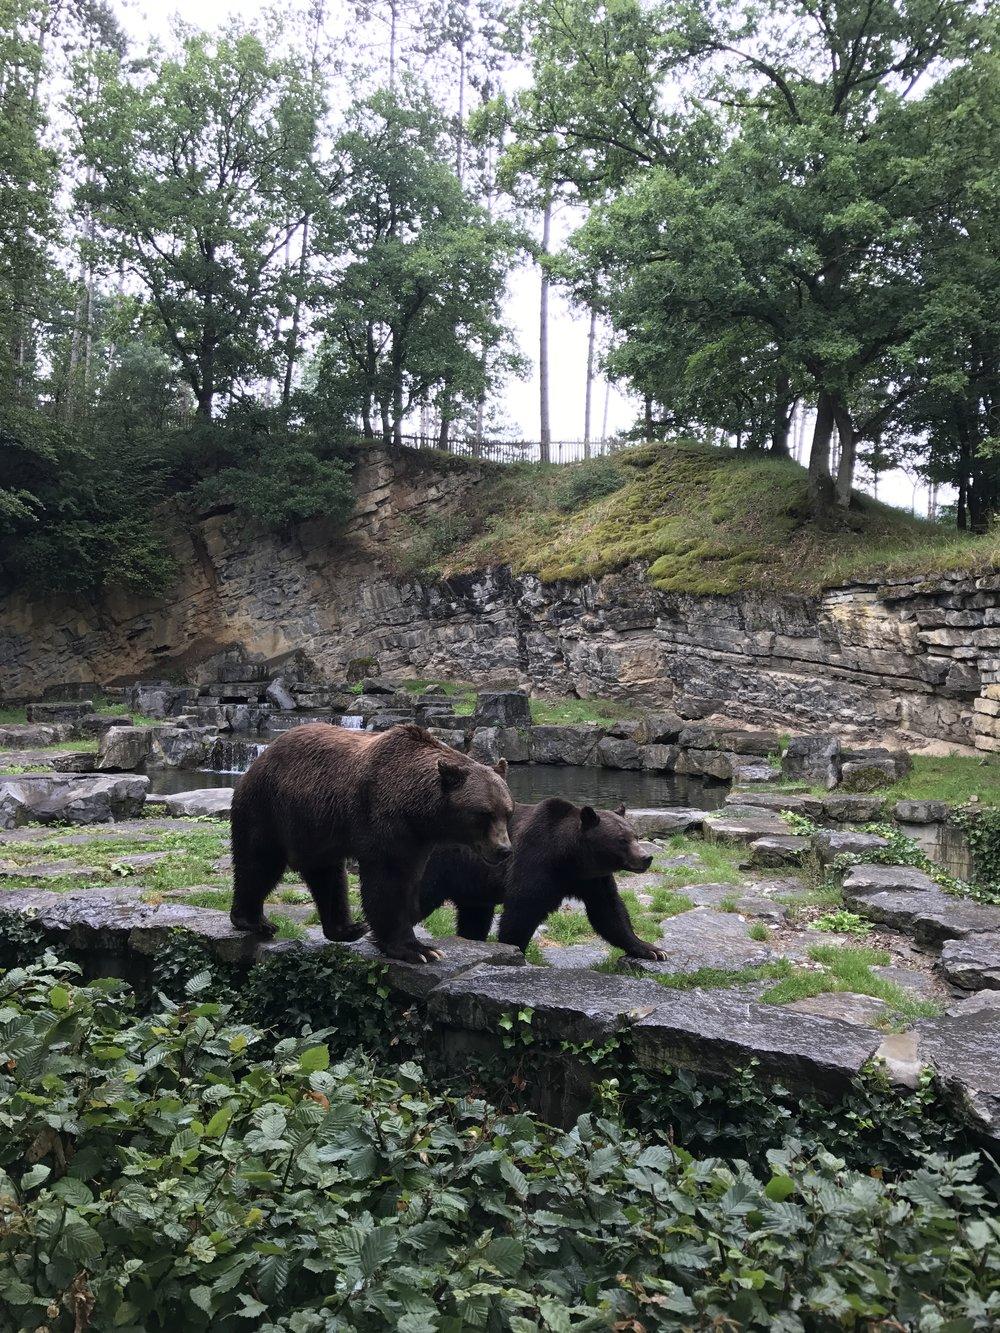 ours parc animalier han sur lesse